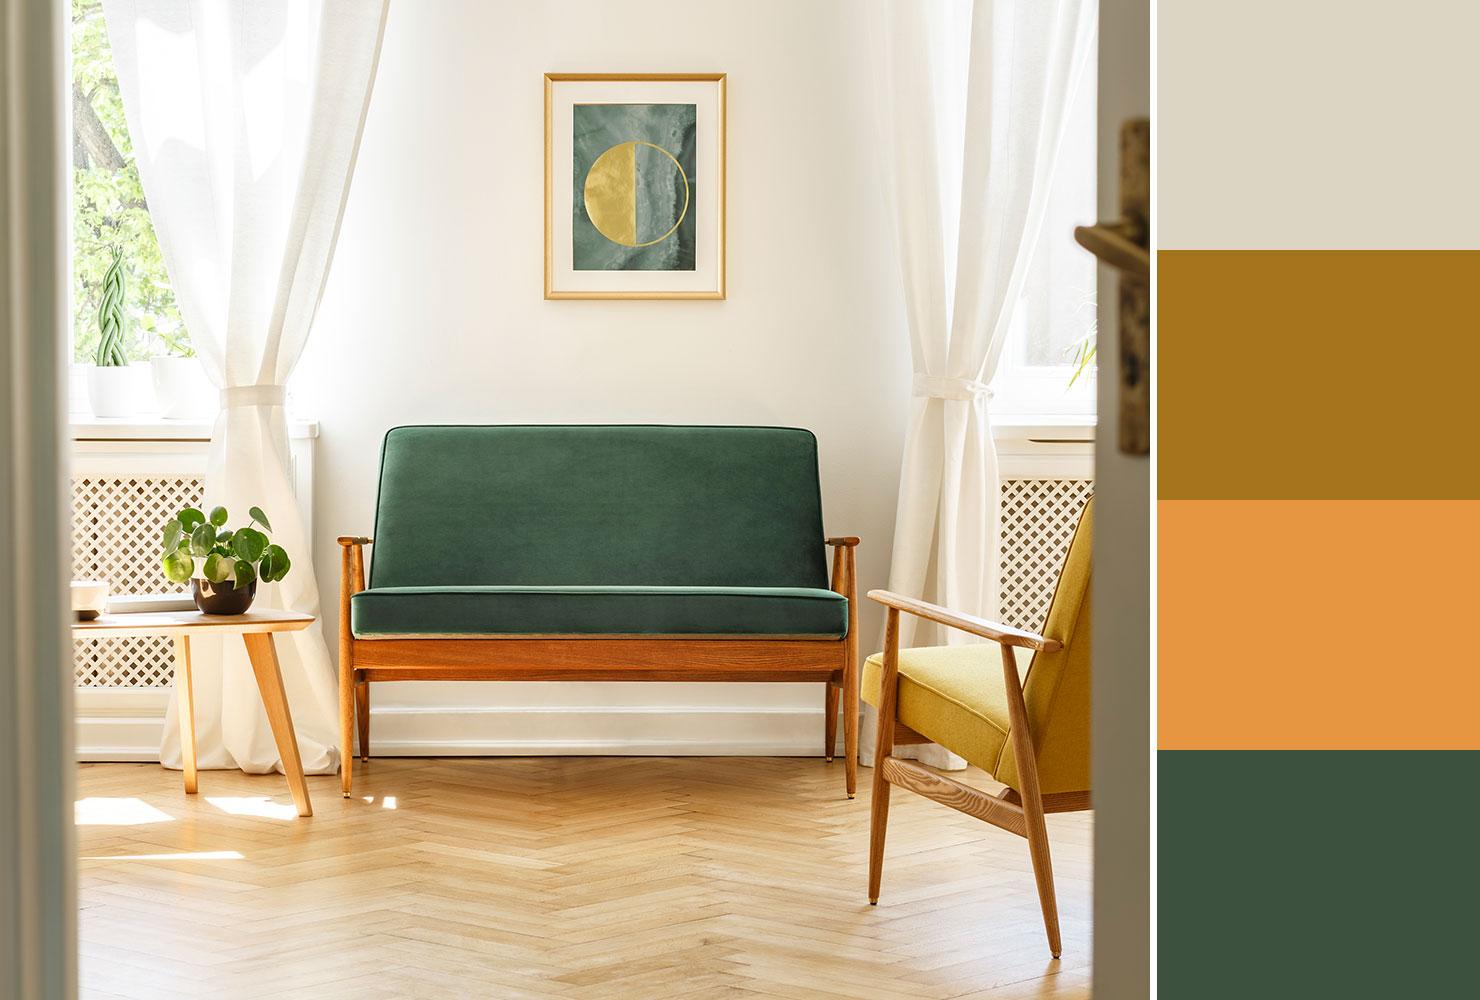 Farebné kombinácie - inšpirácie do interiéru - Obrázok č. 36